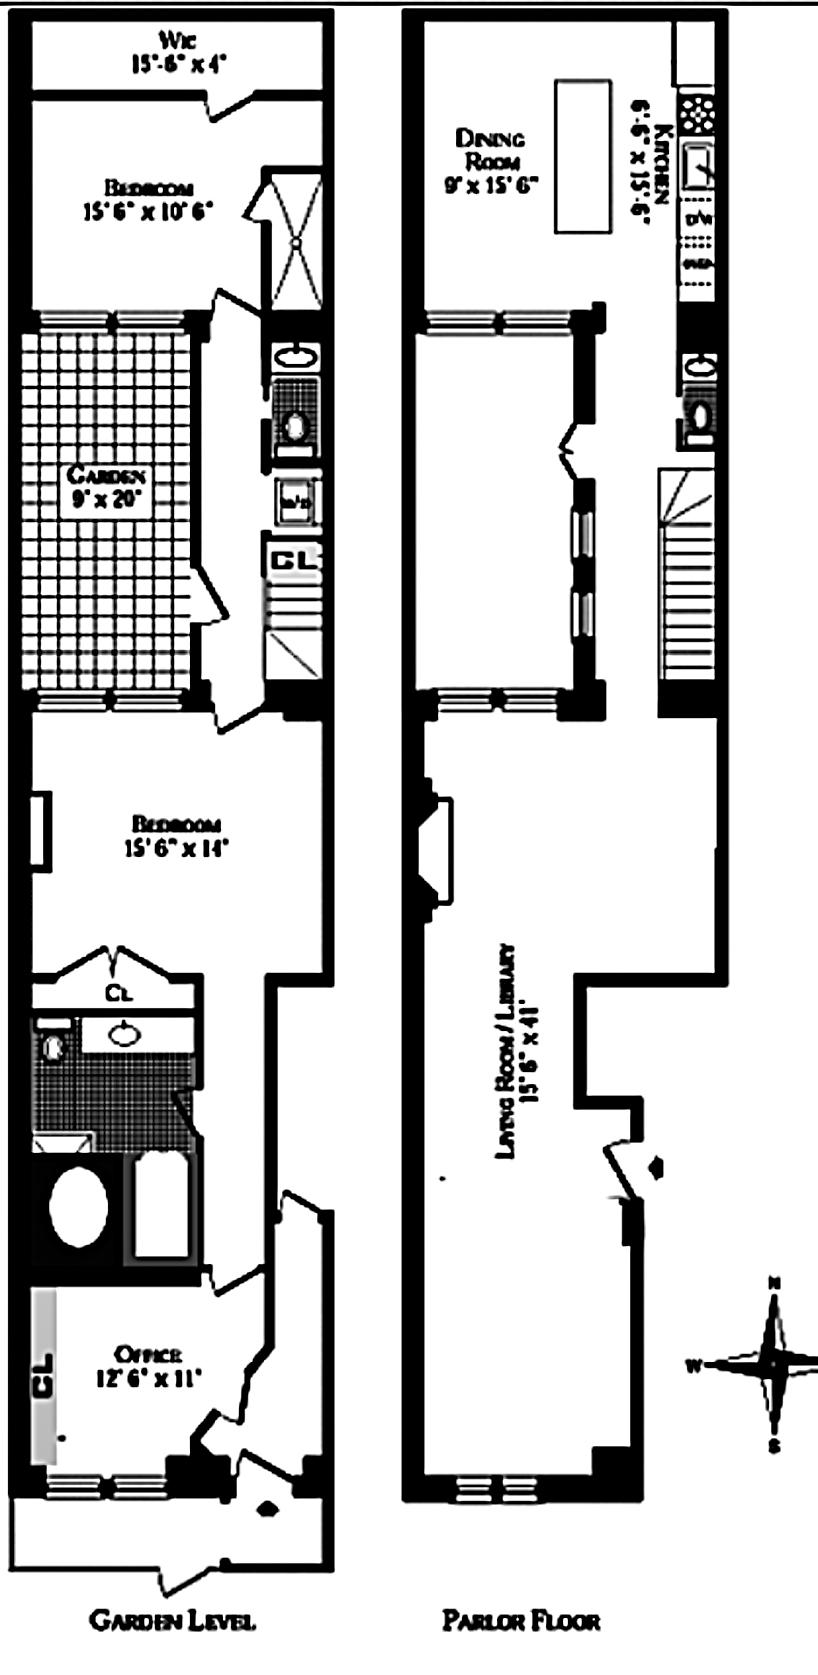 131 E 39 - Duplex Floor Plan.jpg